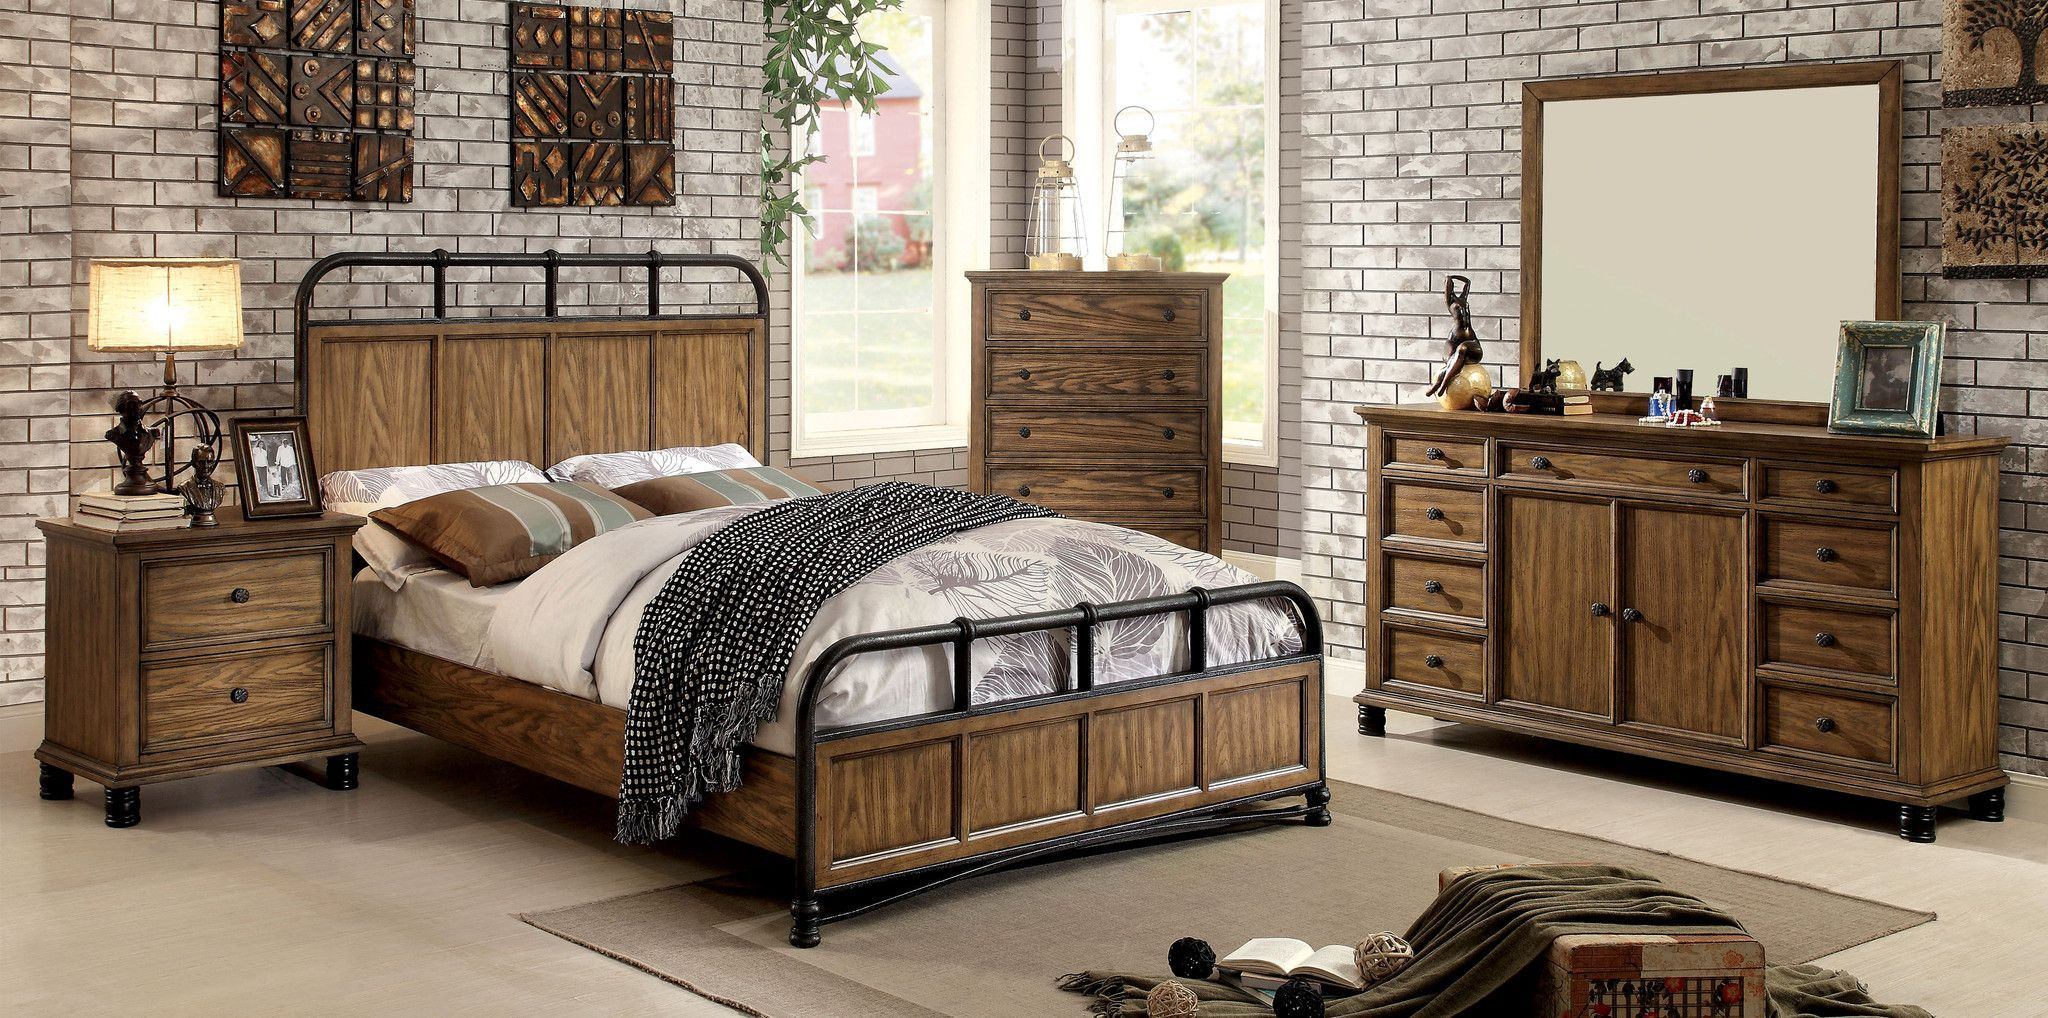 Mcville 4 Pcs Bedroom Sets Cm7558 Descriptions A Trending